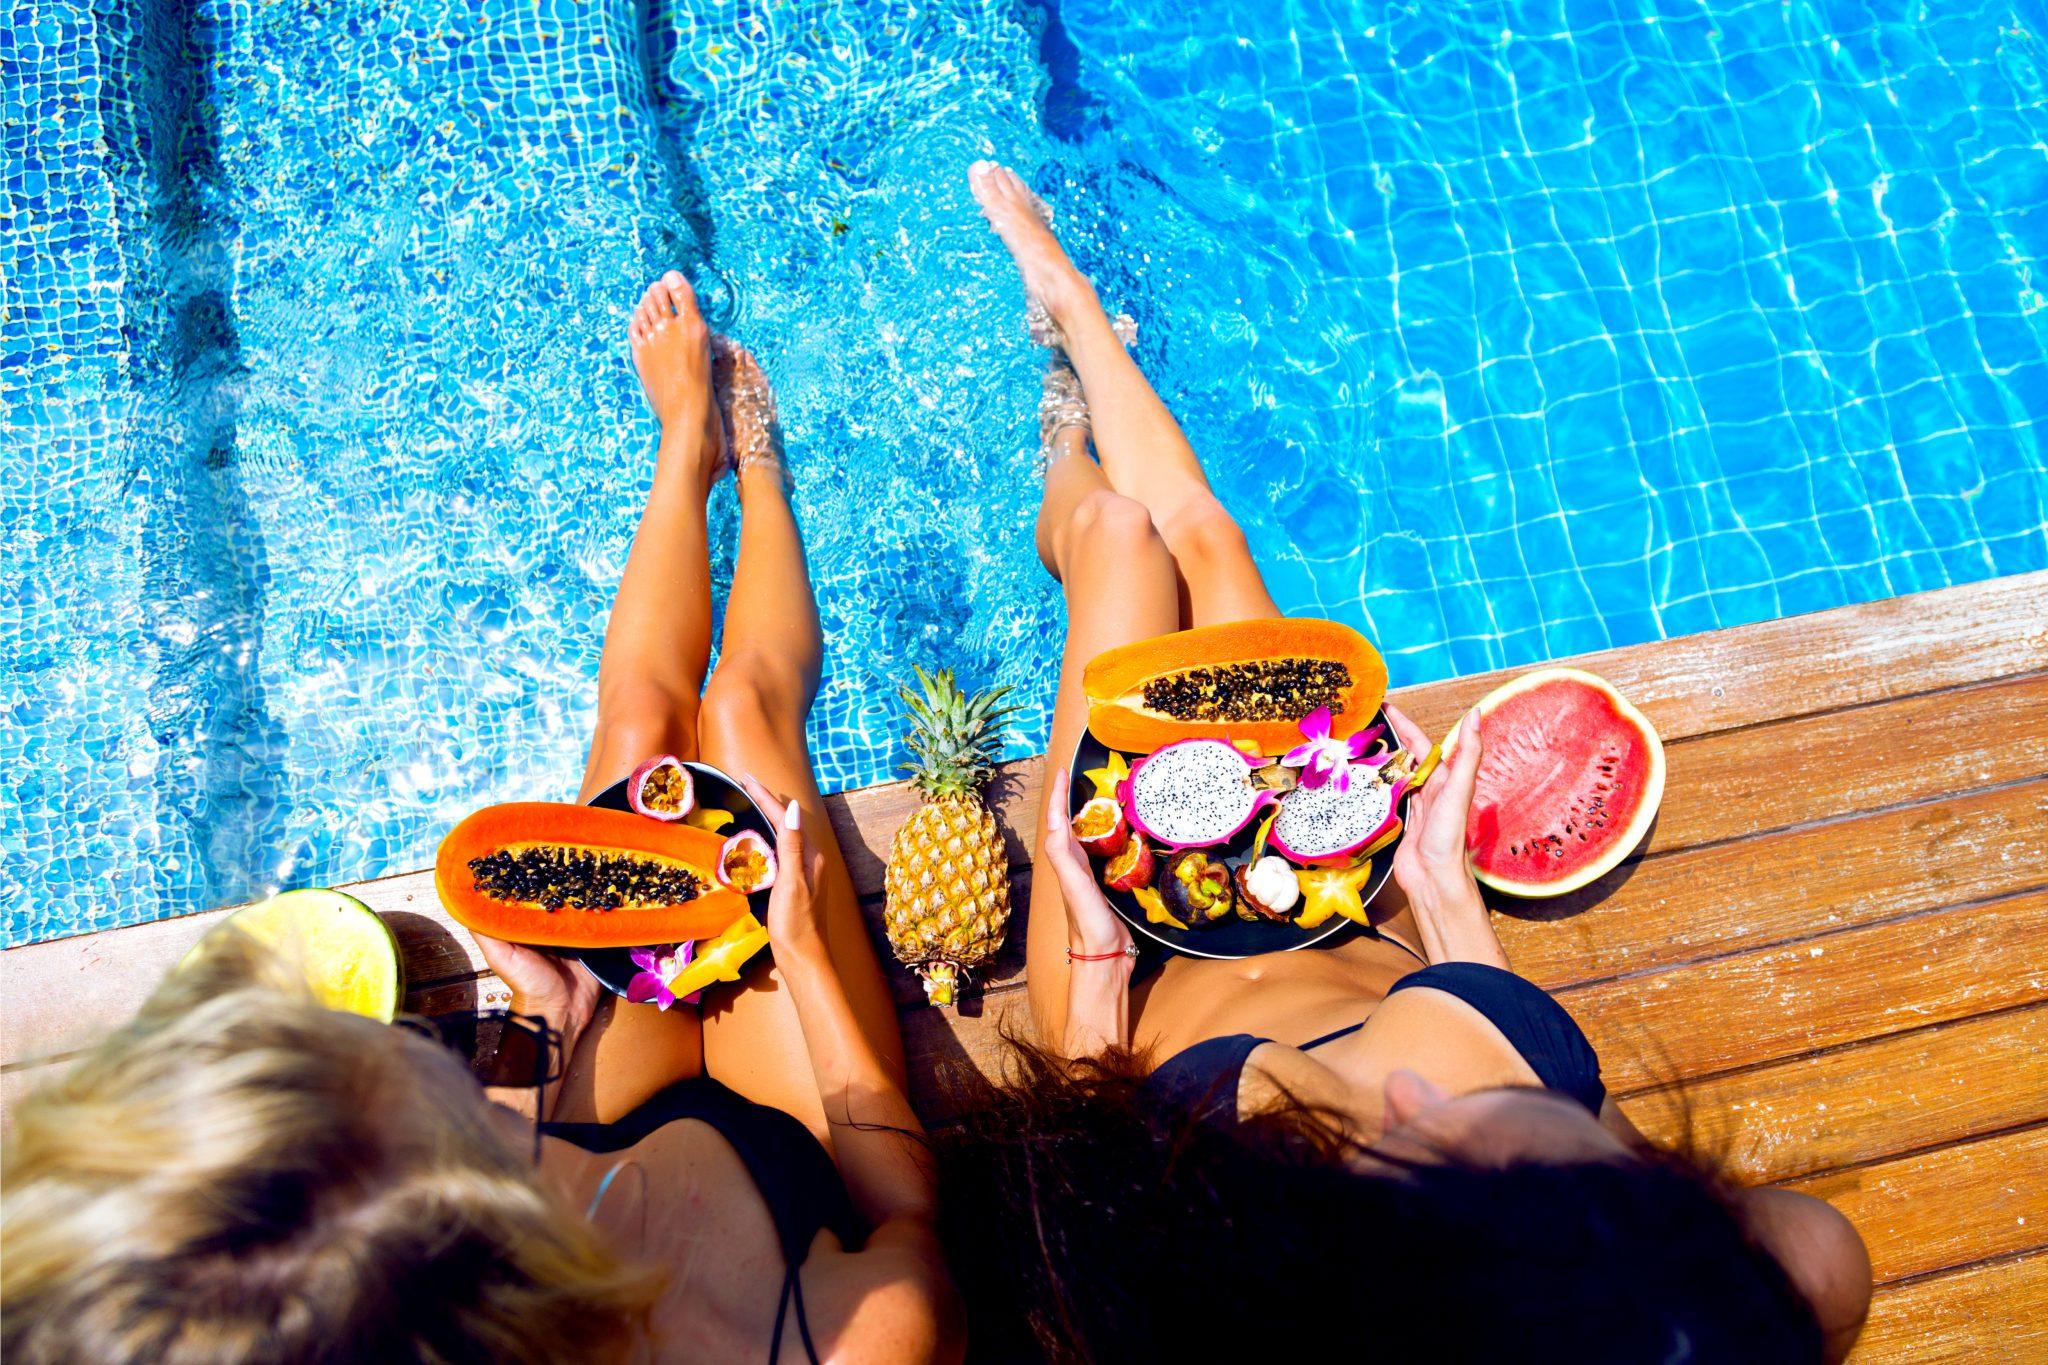 プールサイドで果物を食べている肌のきれいな女性